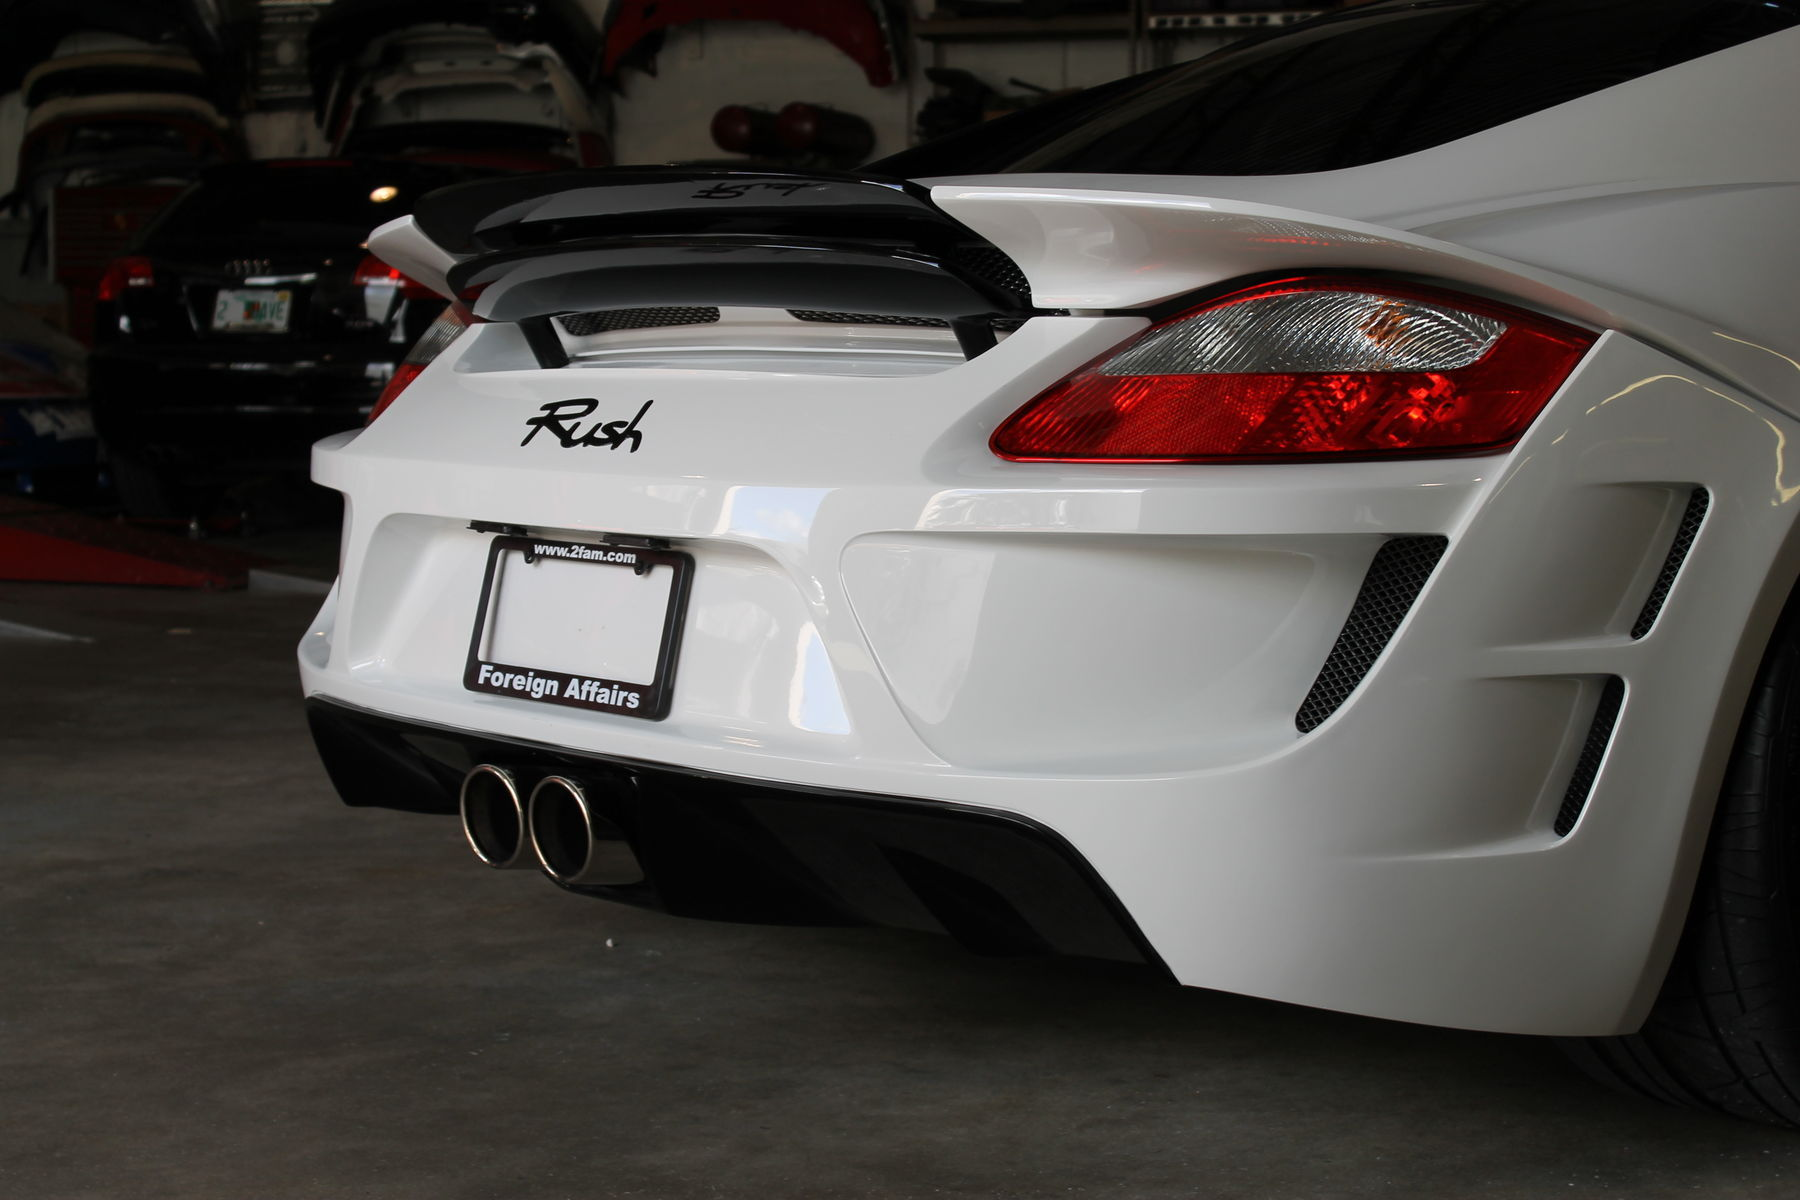 Porsche Cayman S | Porsche Rush Cayman S